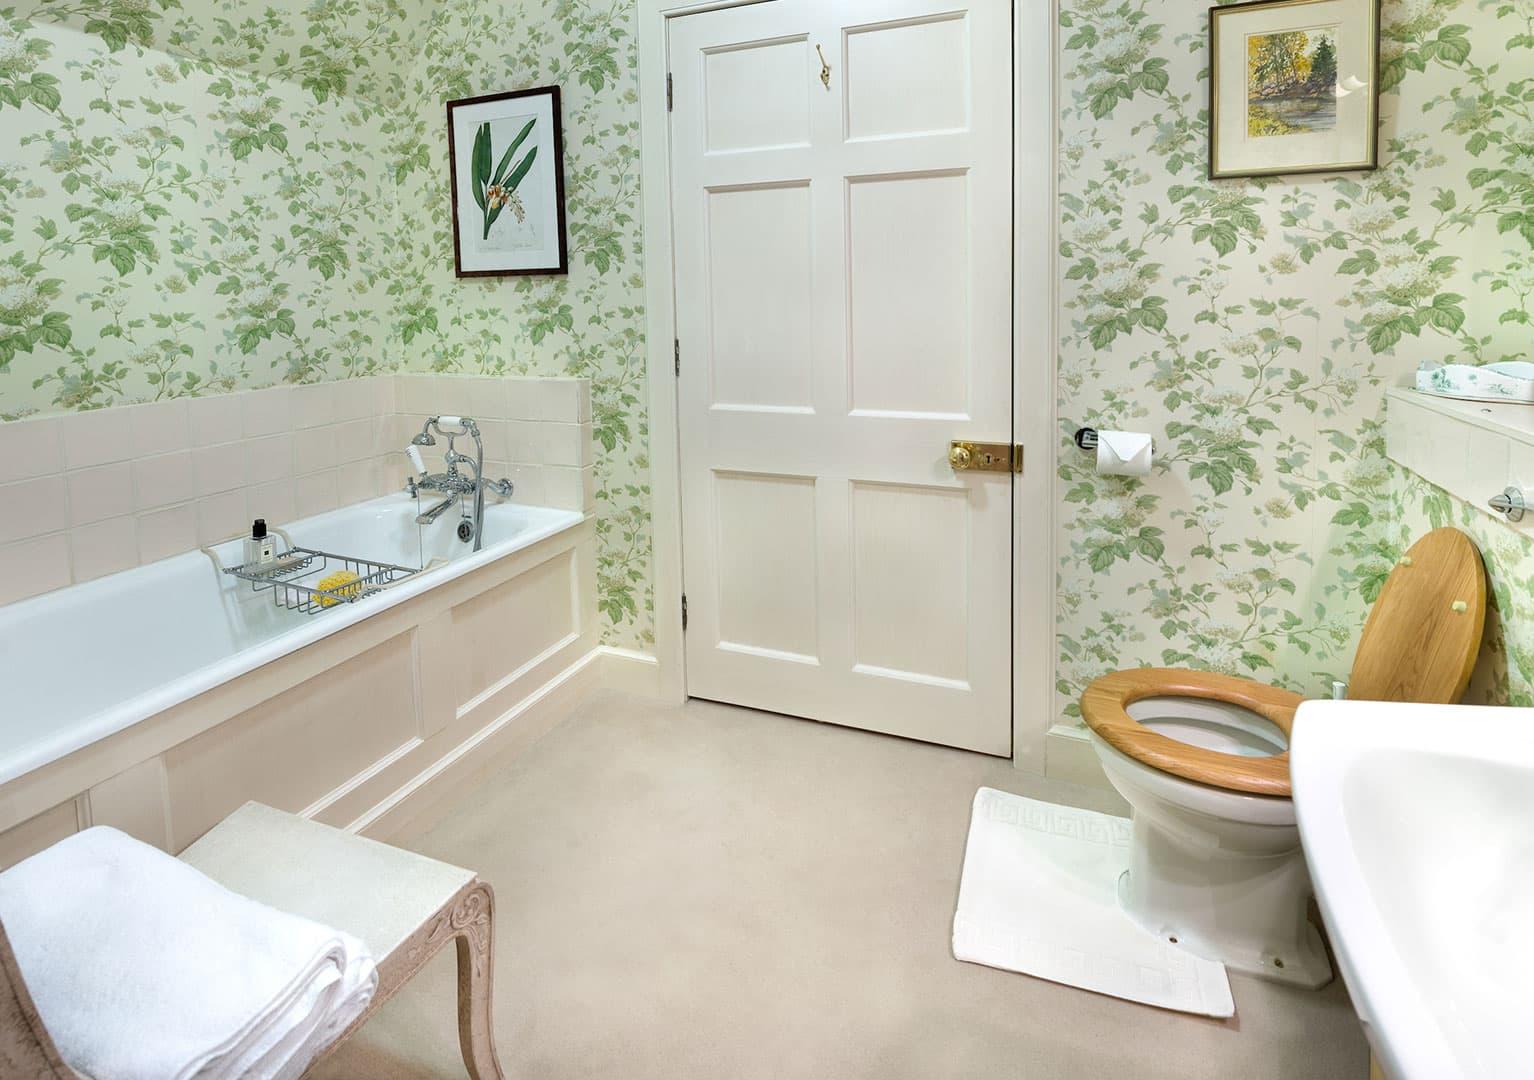 Bothy shared Bathroom